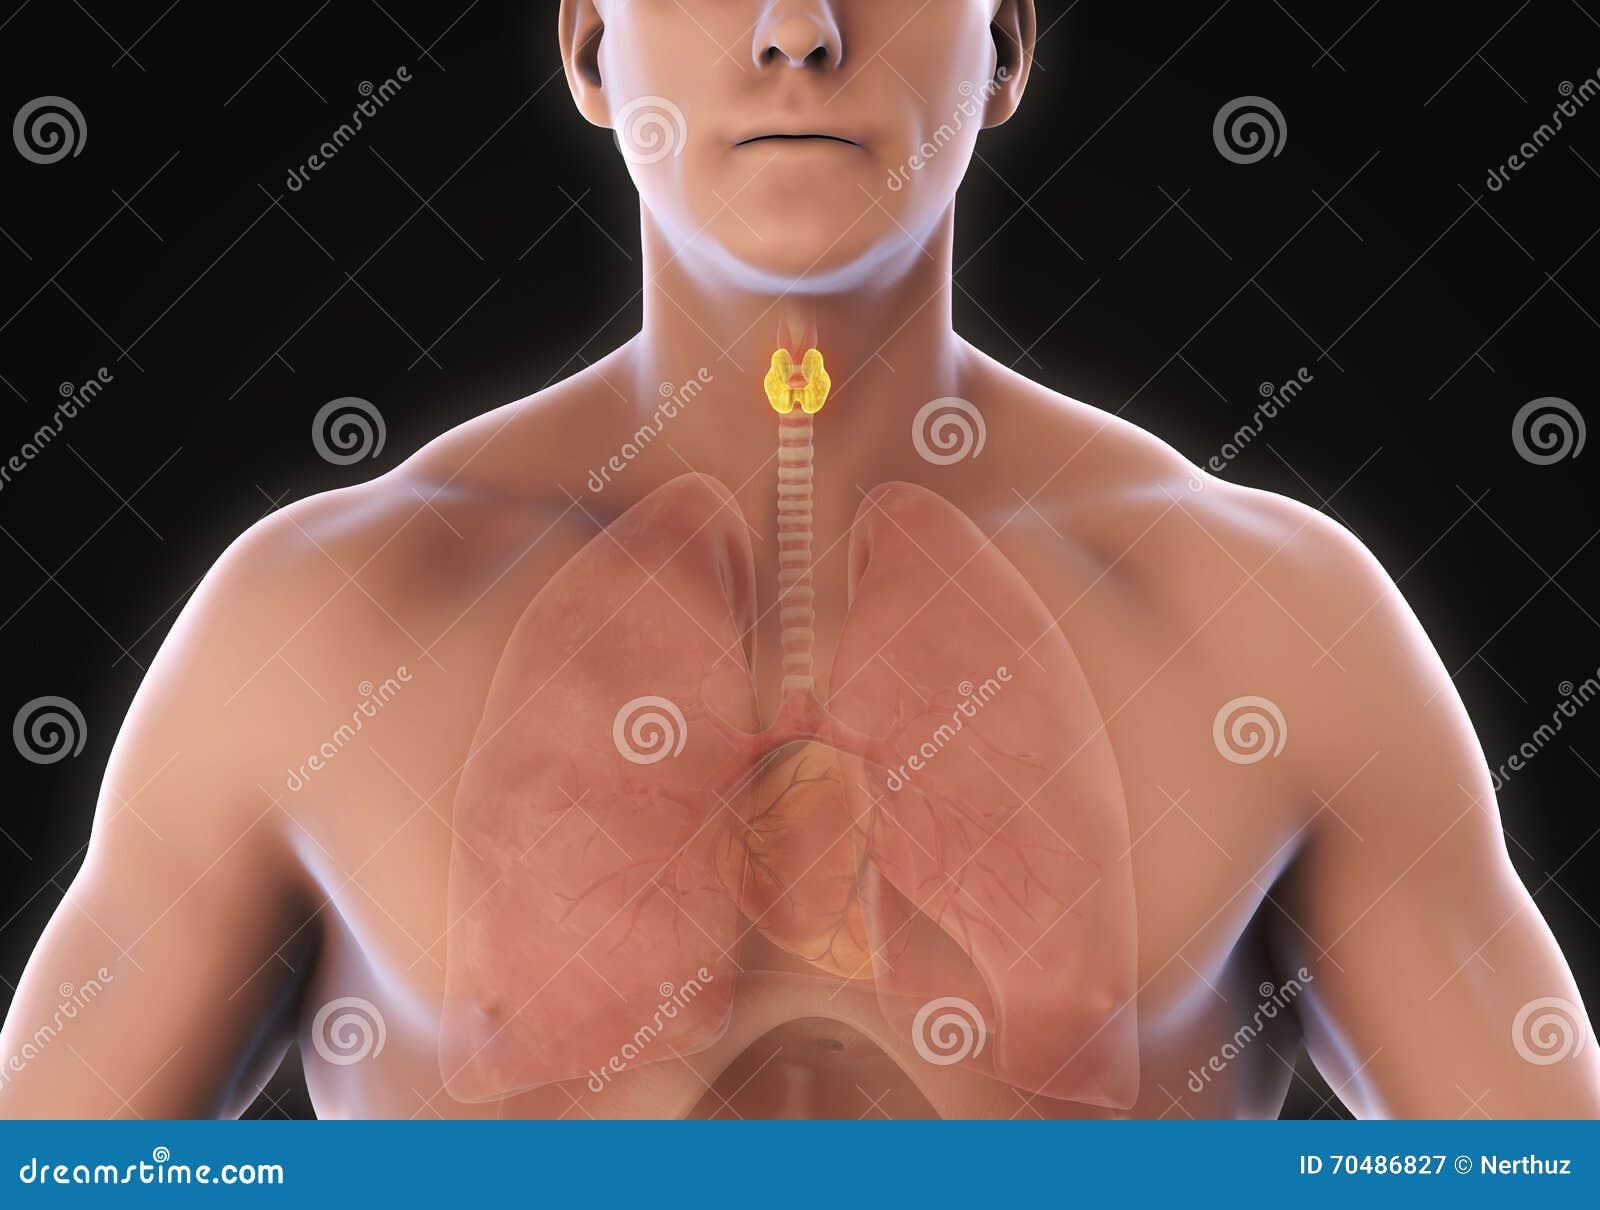 Anatomía Humana De La Glándula Tiroides Stock de ilustración ...